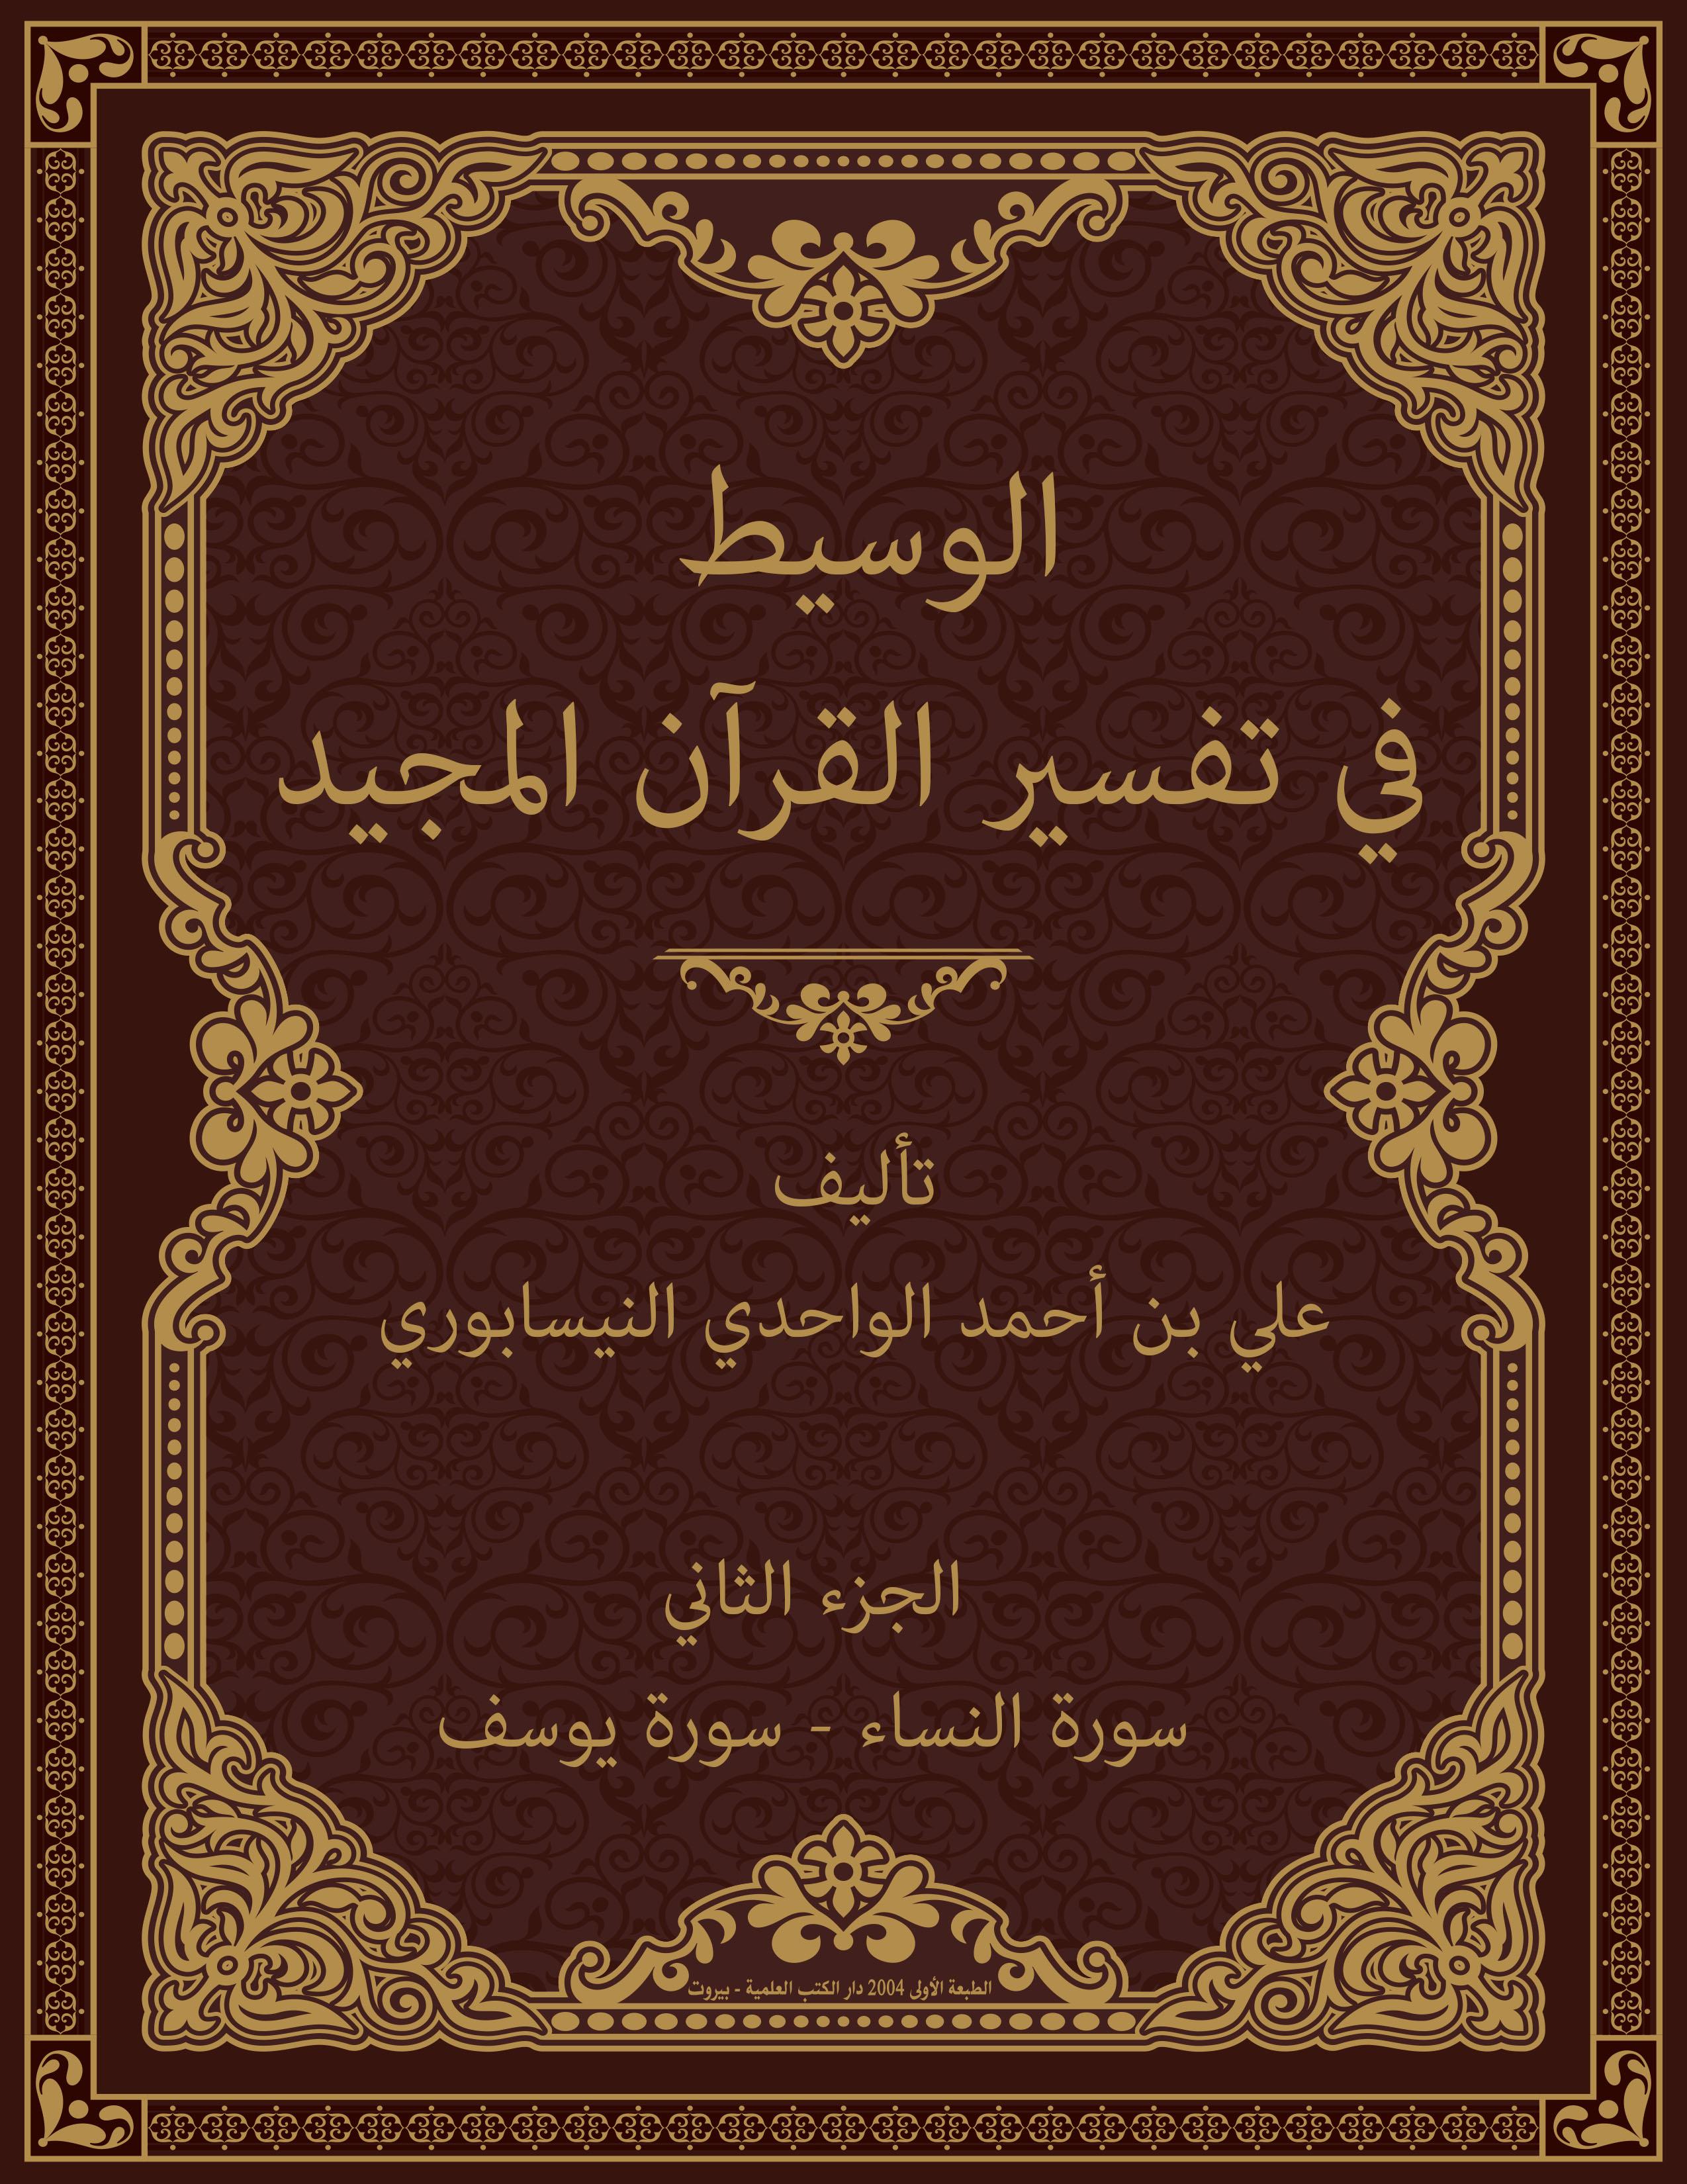 الوسيط في تفسير القرآن المجيد (الجزء الثاني سورة النساء - سورة يوسف)